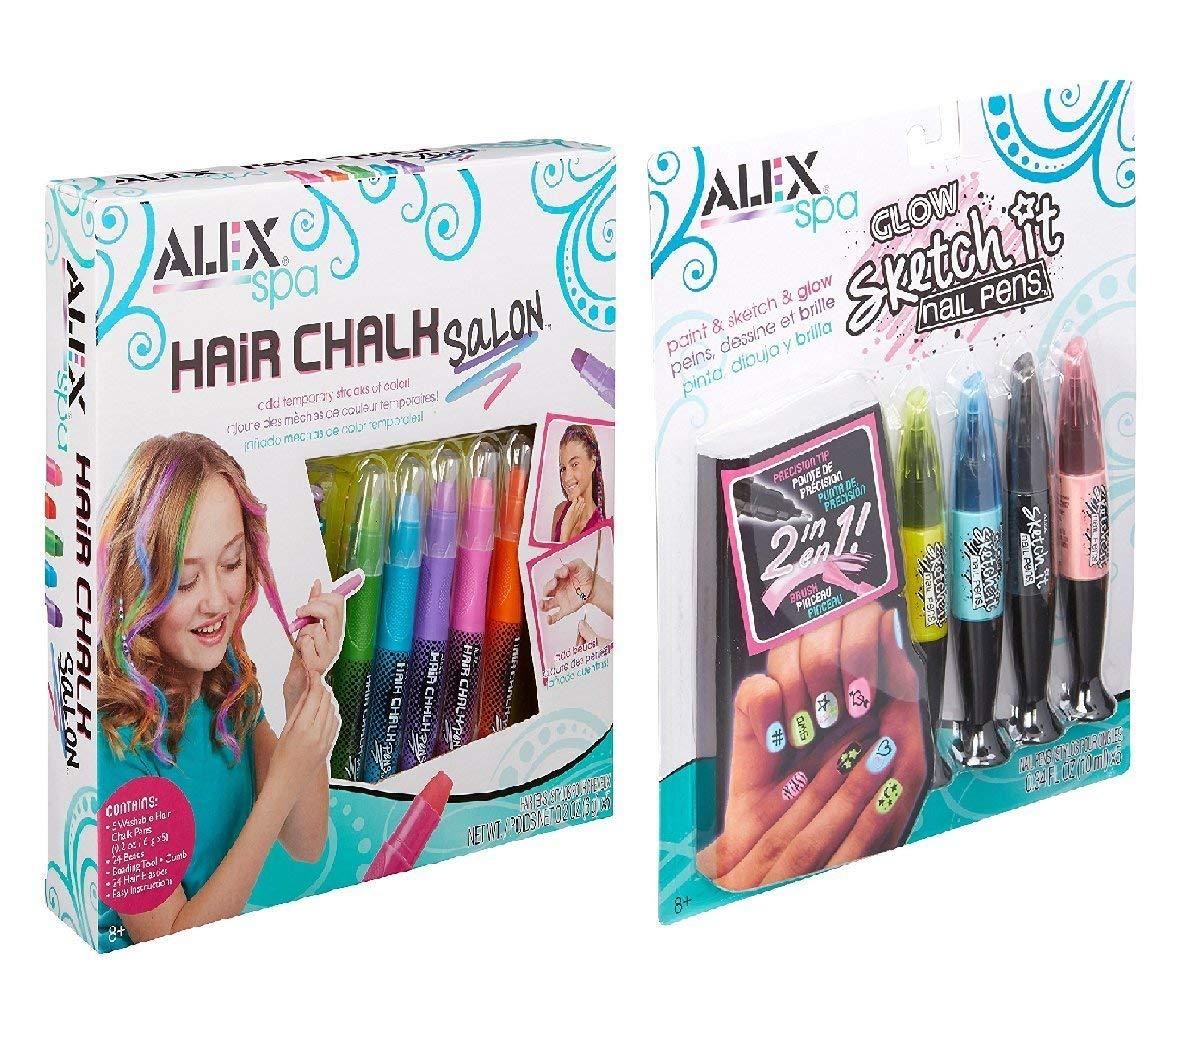 ALEX Spa Glow Sketch It Nail Pens Hair Chalk Salon, 2 FOR ONE